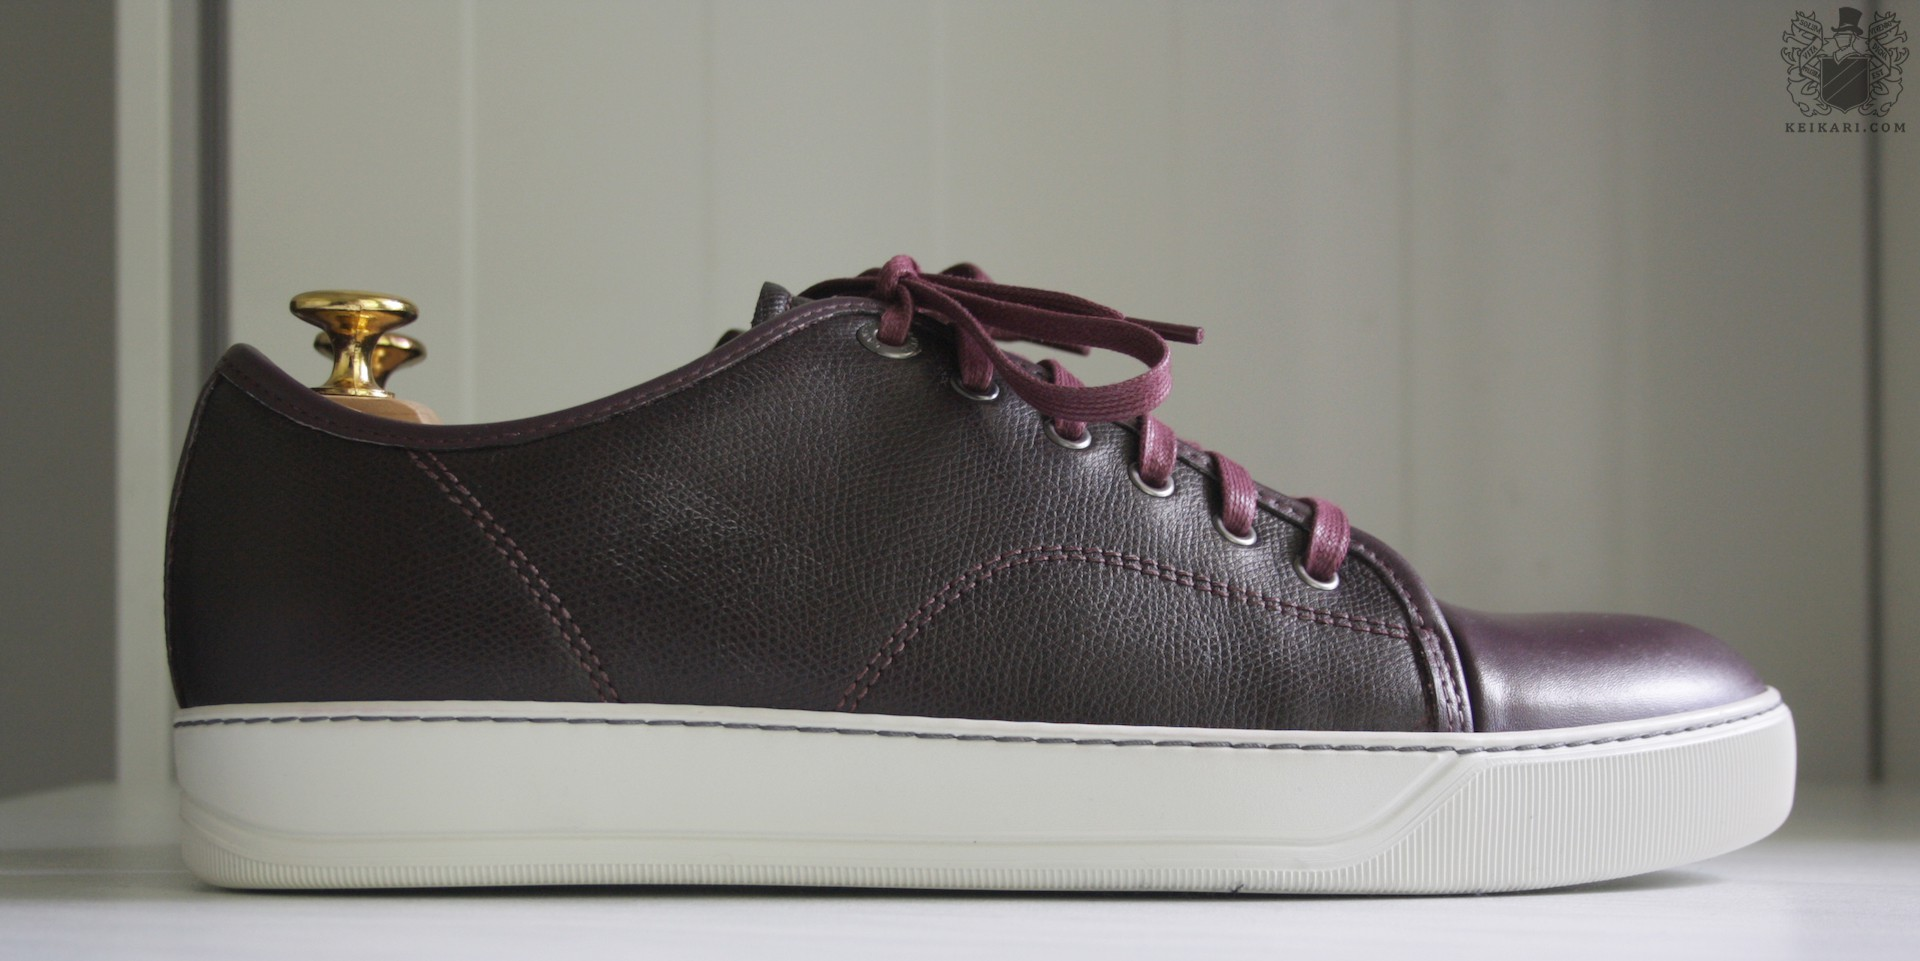 Anatomy_and_review_of_Lanvin_sneakers_at_Keikari_dot_com06.jpg